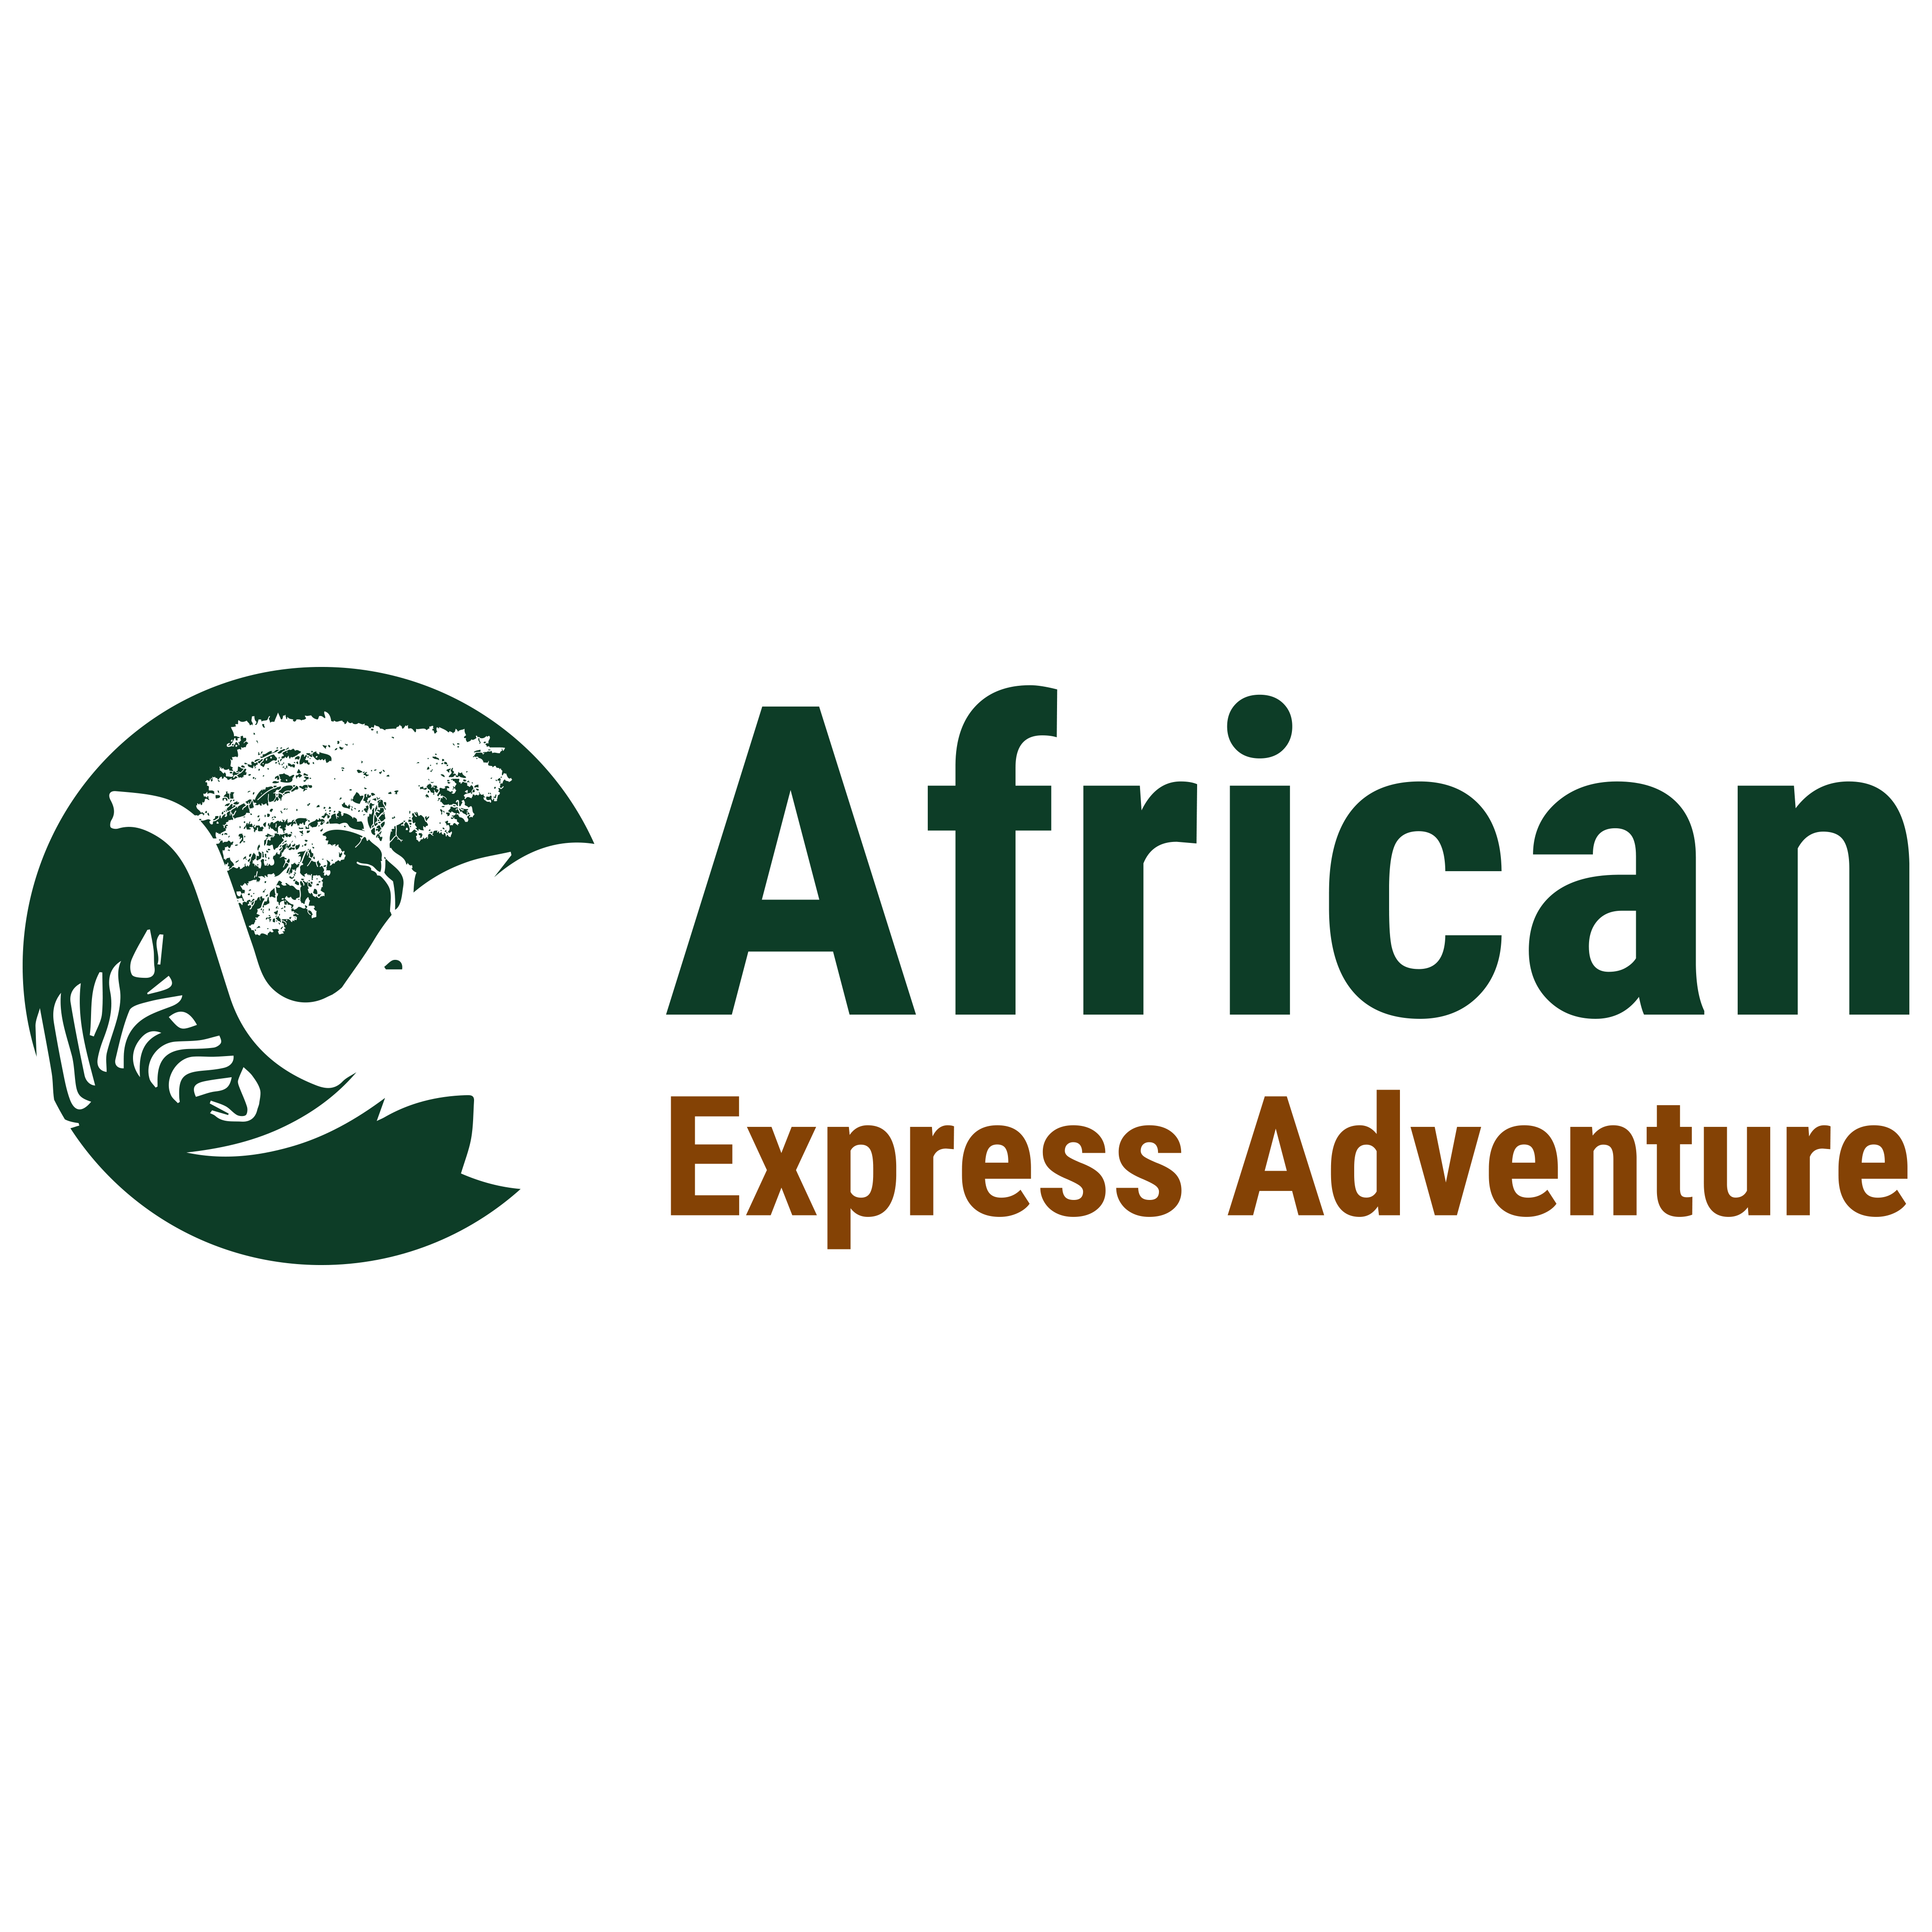 African Express Adventure